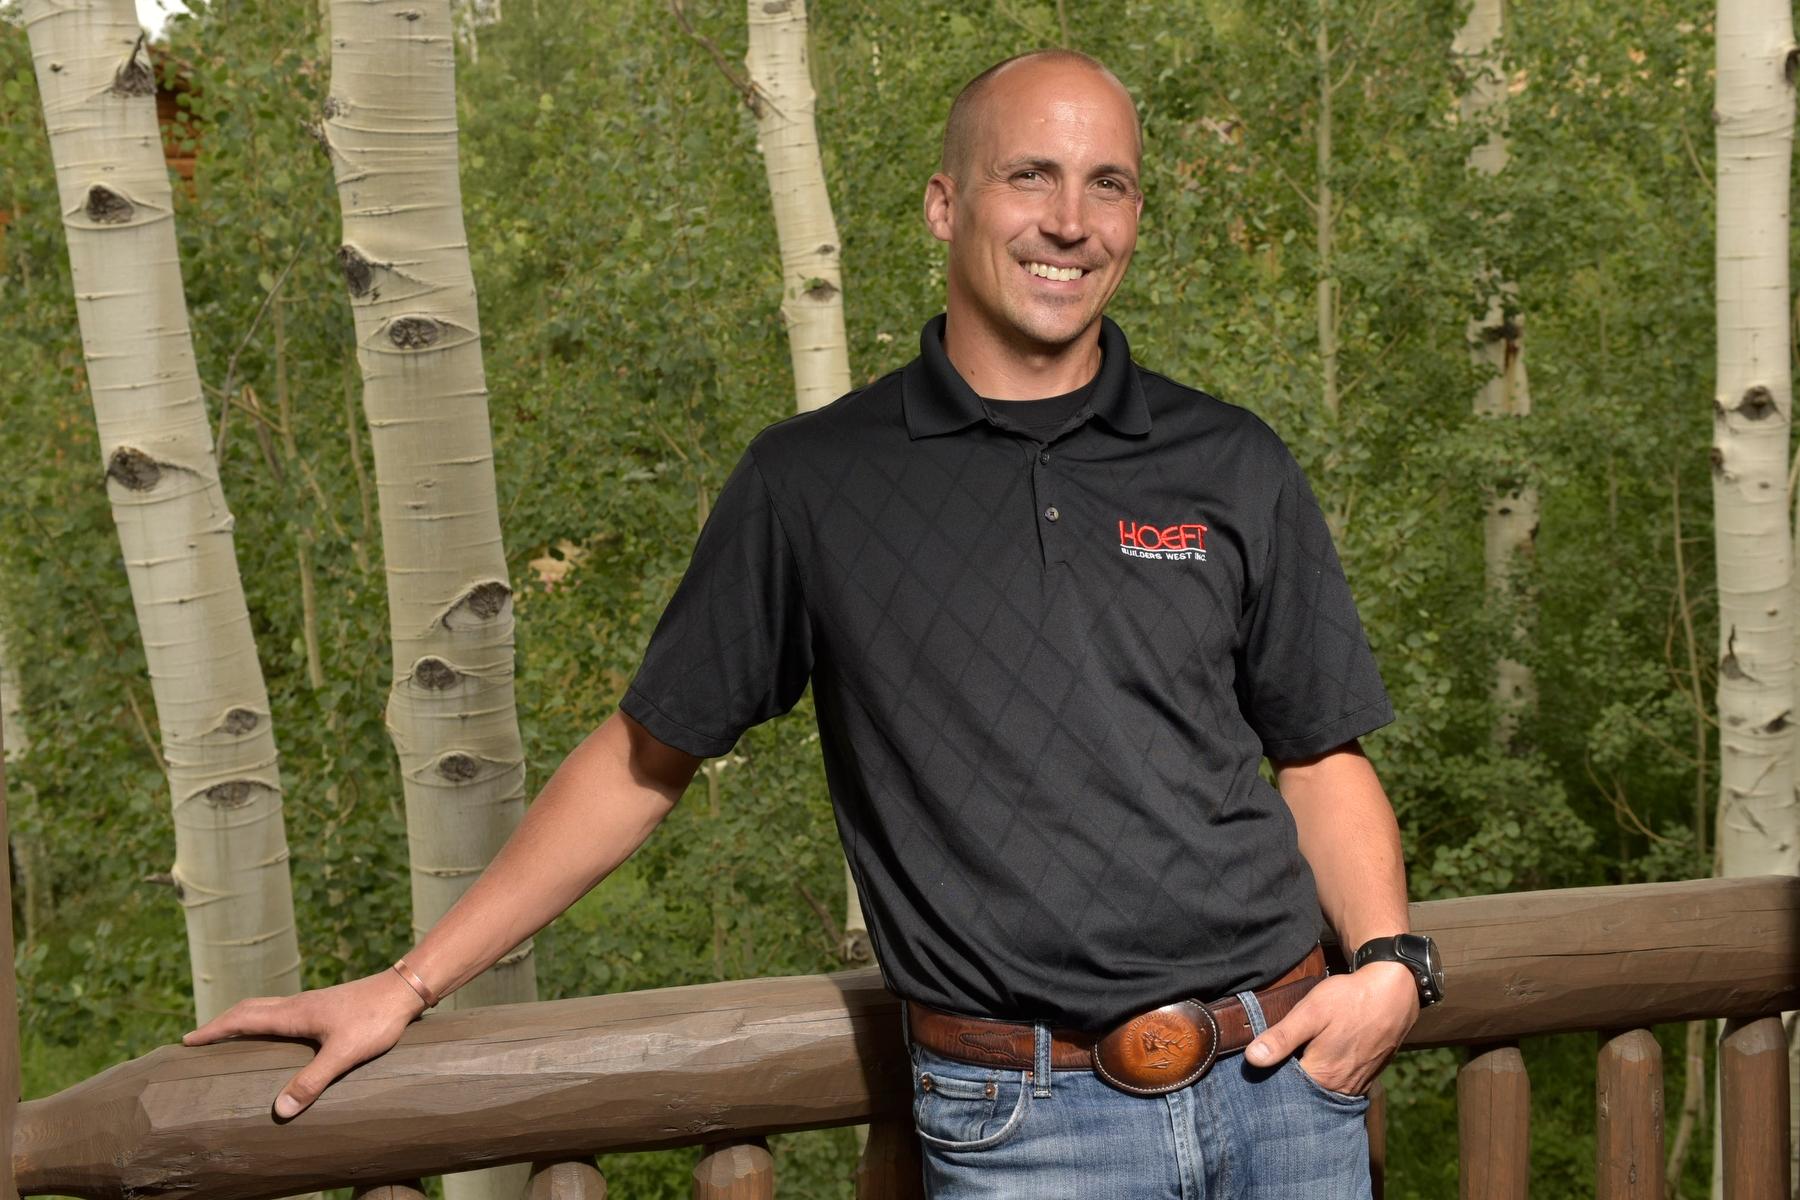 Hoeft team member and Owner Patrick Hoeft